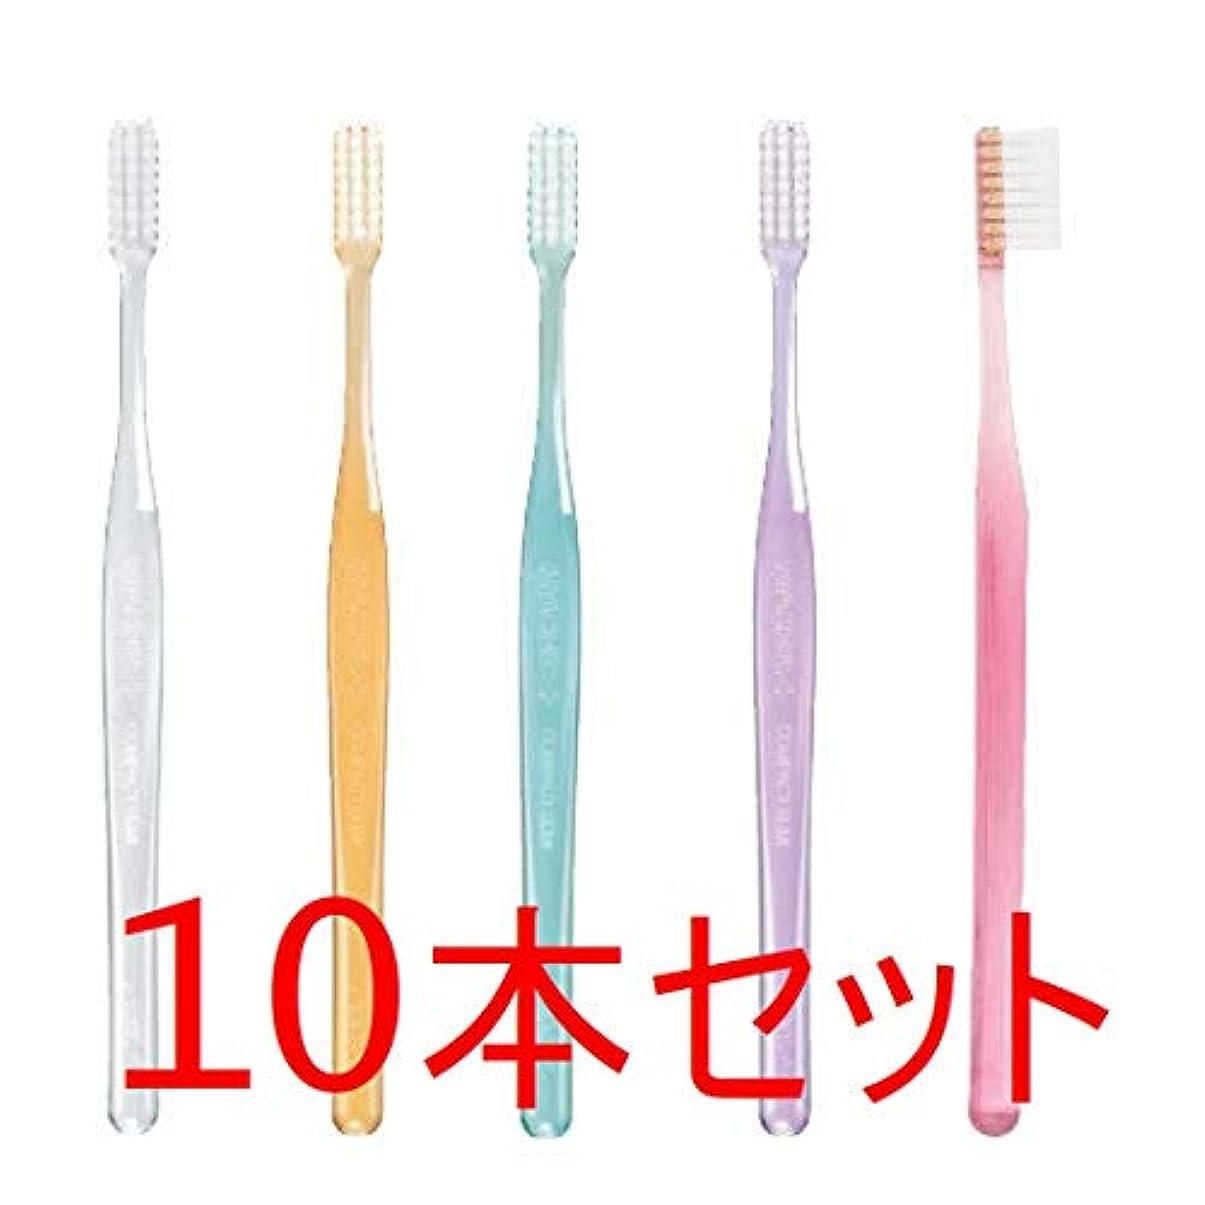 付き添い人自己尊重移行するGC プロスペック 歯ブラシ プラス コンパクトスリム 10本 クリアー色 (M(ふつう), おまかせ)